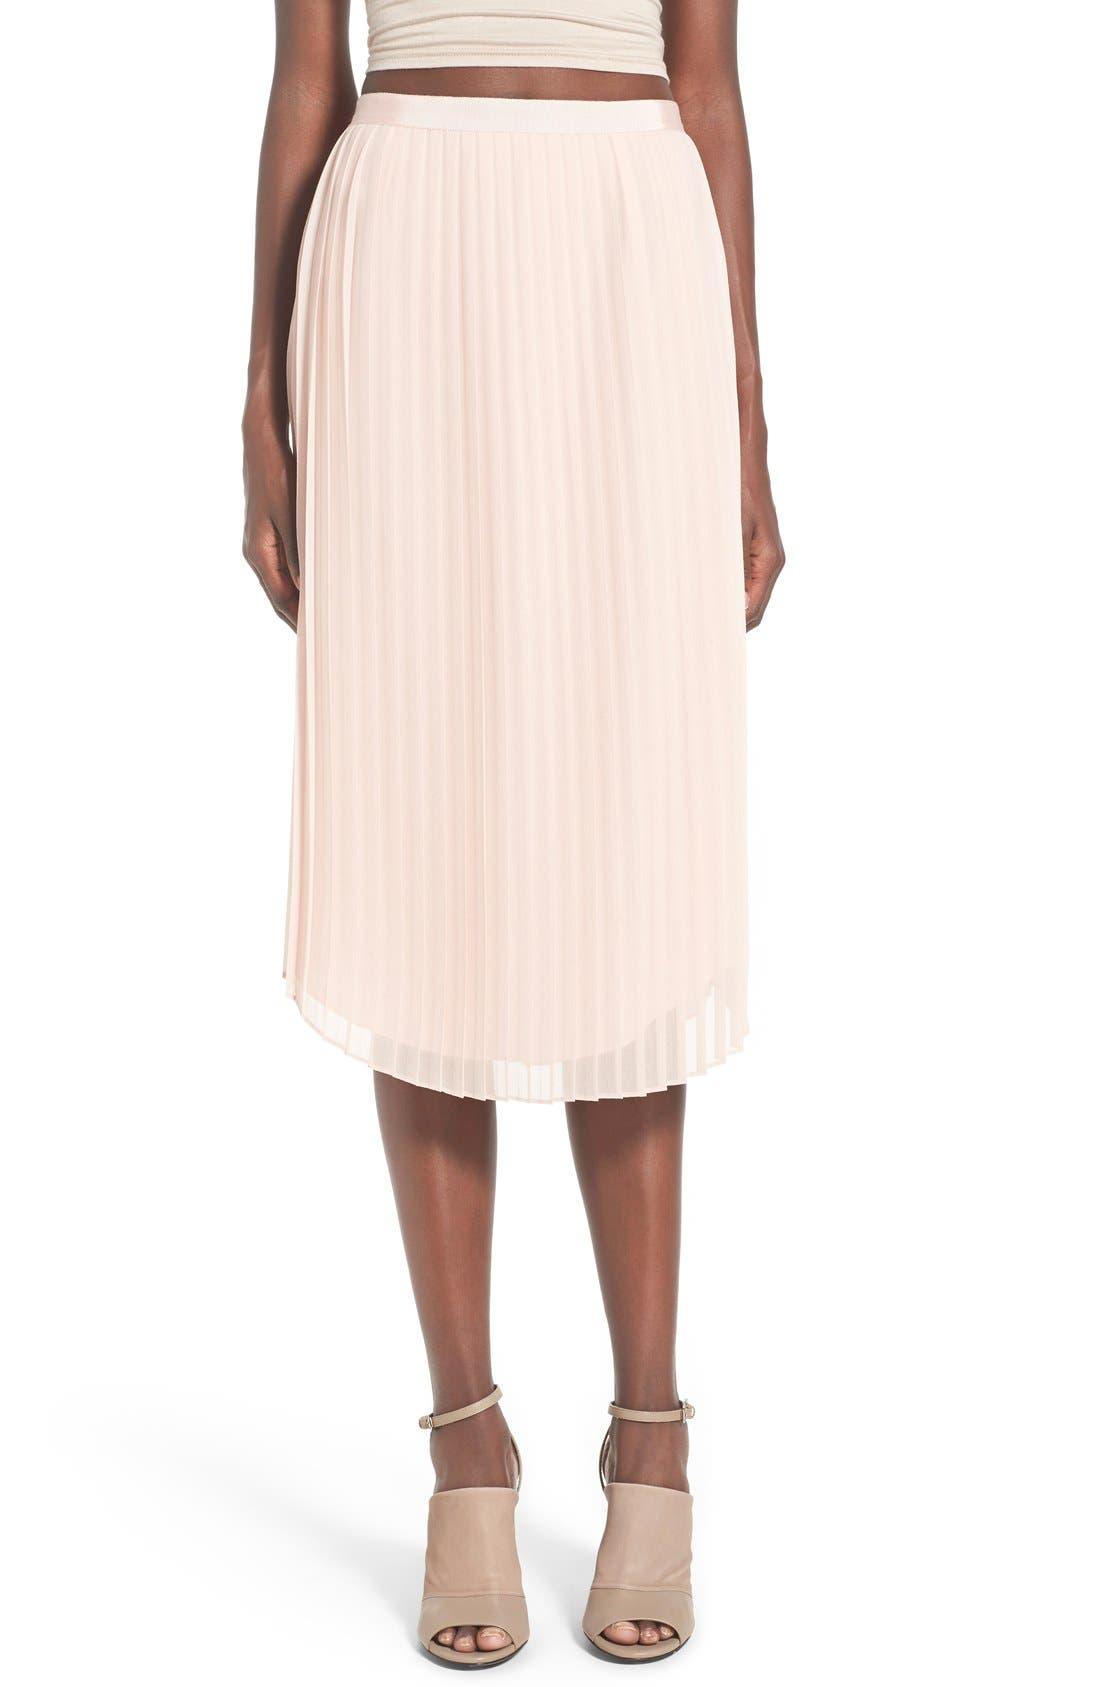 CHELSEA28 Pleated Midi Skirt, Main, color, 680